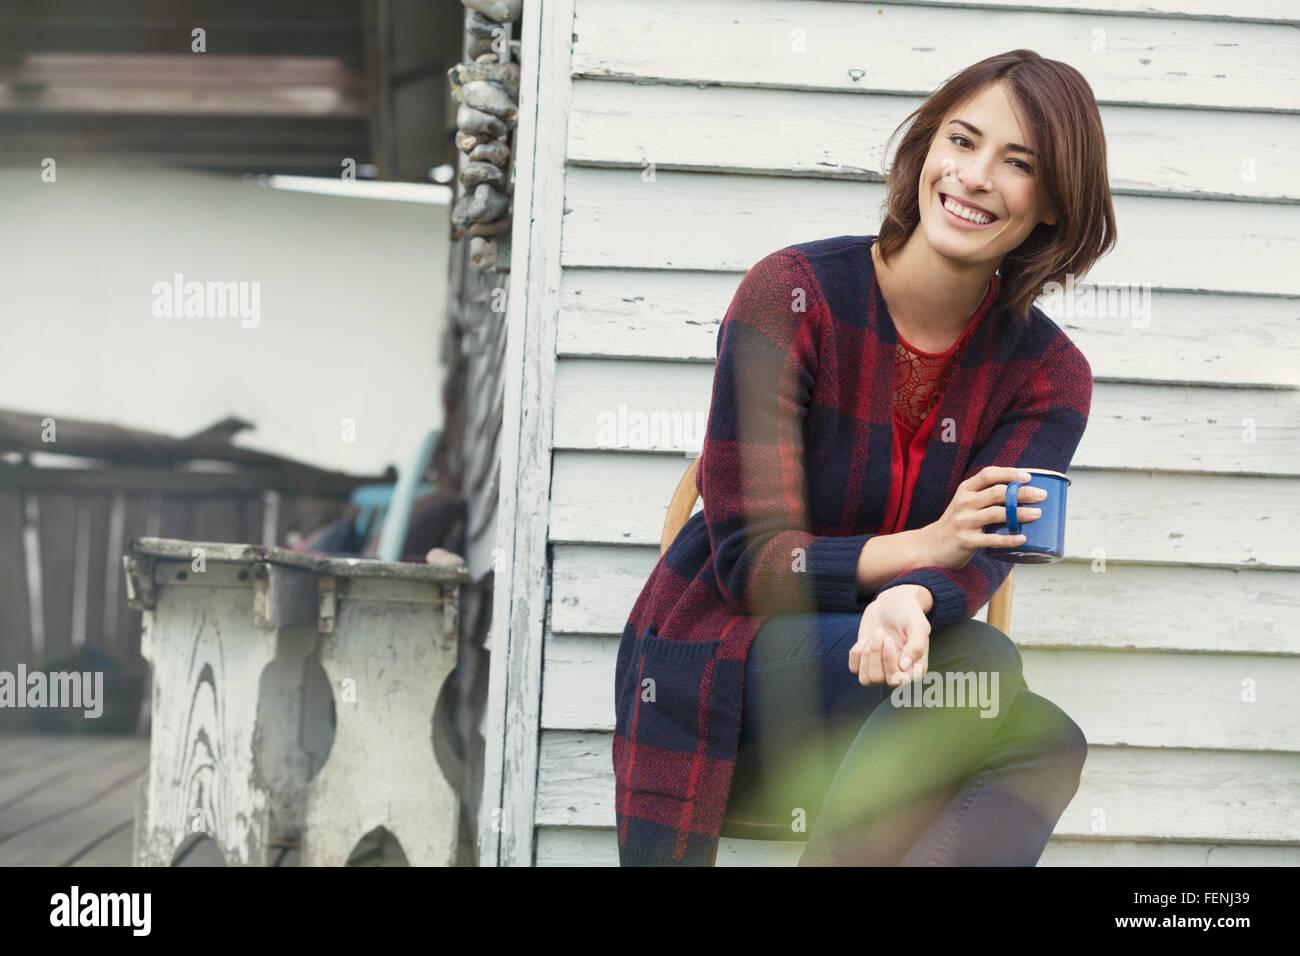 Porträt lächelnde Brünette Frau Kaffeetrinken auf Veranda Stockbild